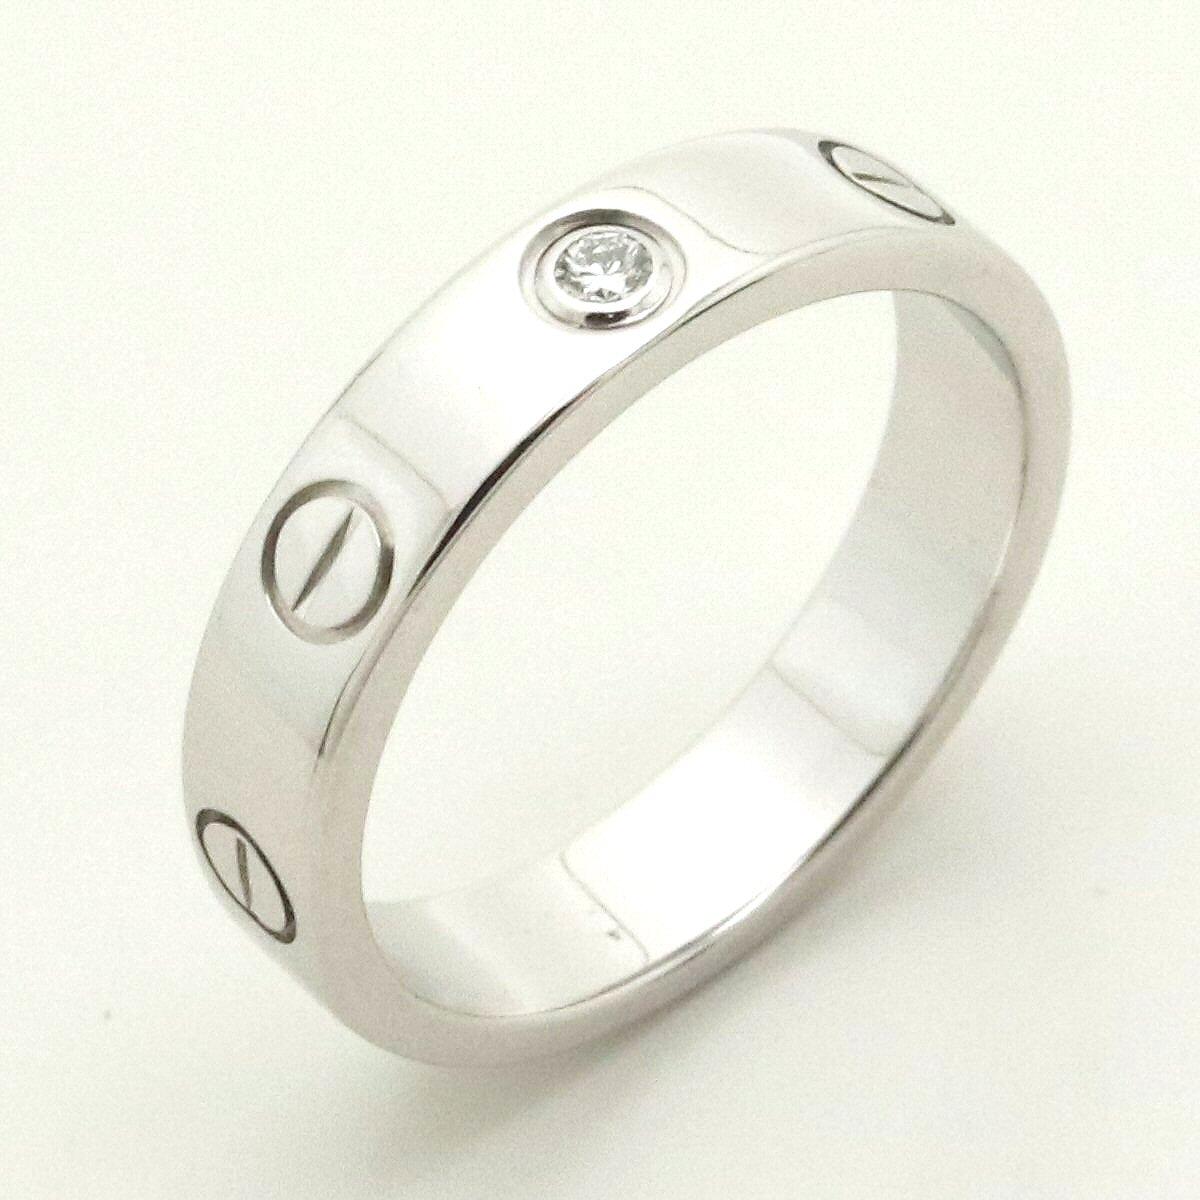 【ジュエリー】【新品仕上げ済】Cartier カルティエ ミニラブリング 指輪 ウエディングリング 1PD ダイヤモンド K18WG ホワイトゴールド 10号 #50 B4050500 【中古】